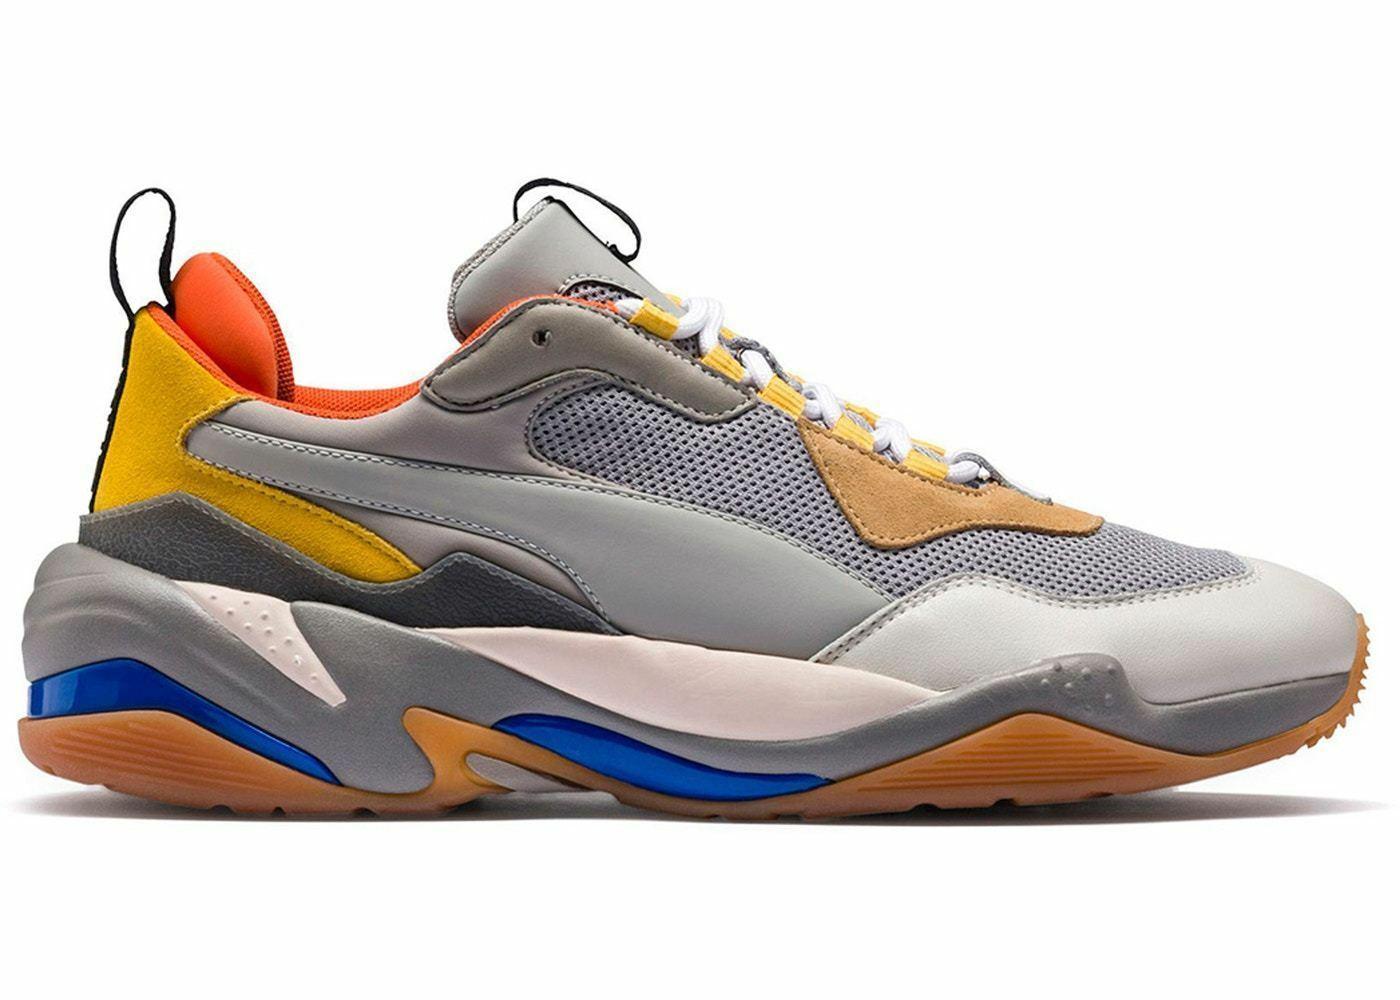 Uomo Puma Thunder Spectra Drizzle Grigio Acciaio Giallo Arancione 367516-02